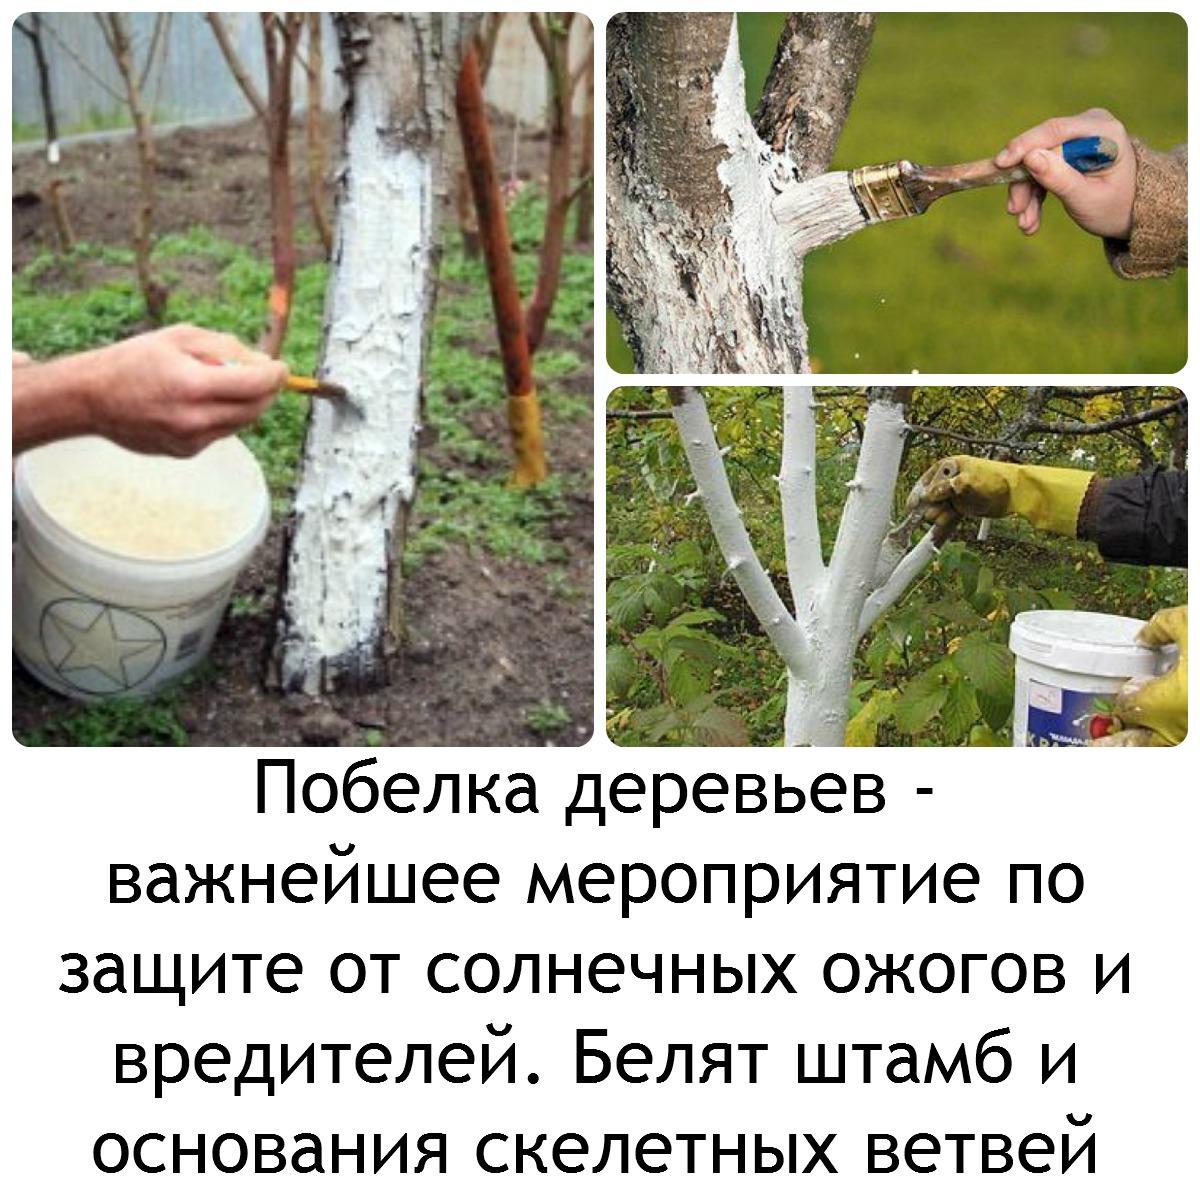 если все время идет дождь, как побелить деревья